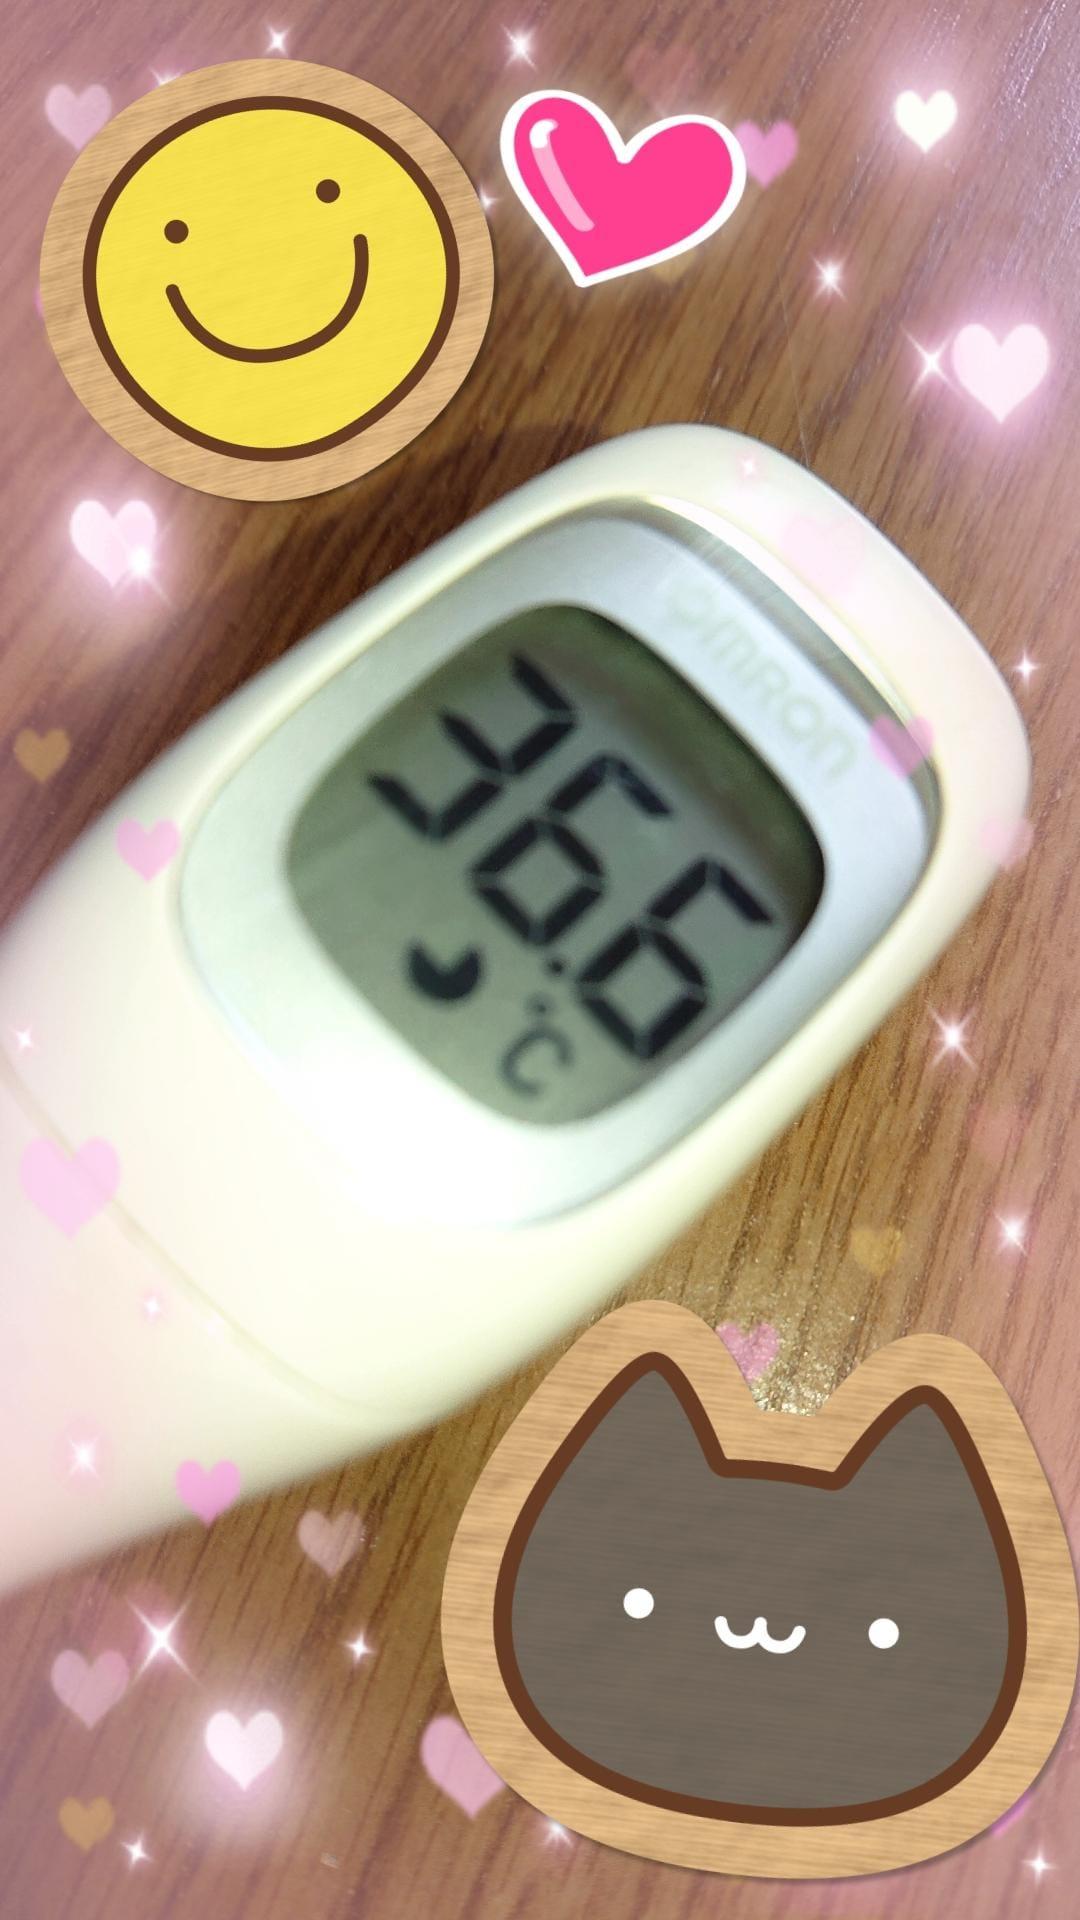 「☆おはようございますヽ(^0^)ノ」06/20(日) 08:04 | あいの写メ